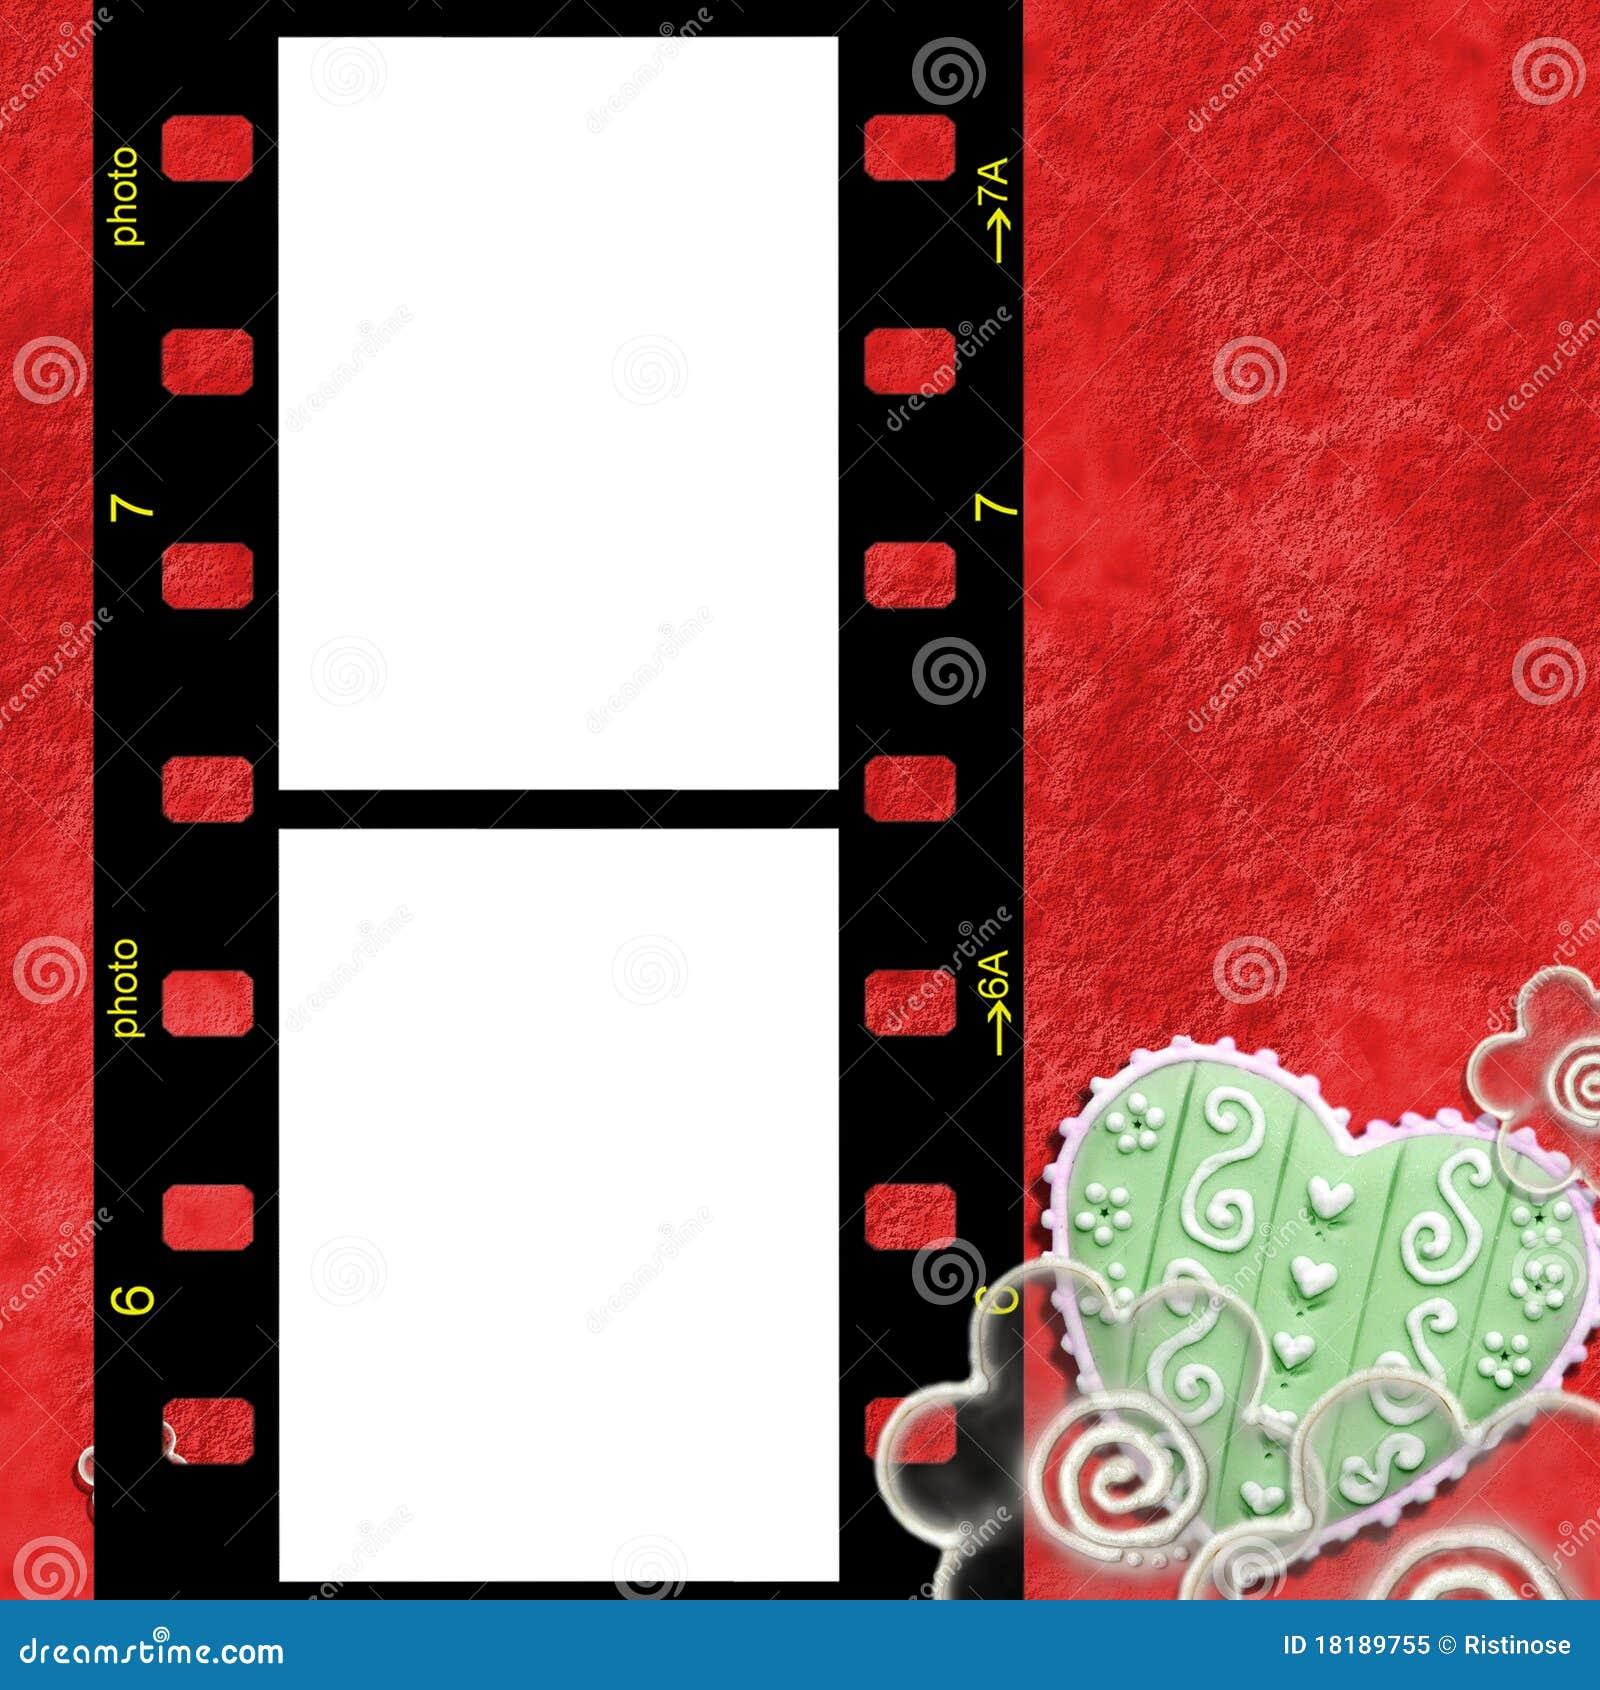 Marco Rojo Para Dos Fotos De Amor Imagen de archivo - Imagen de ...